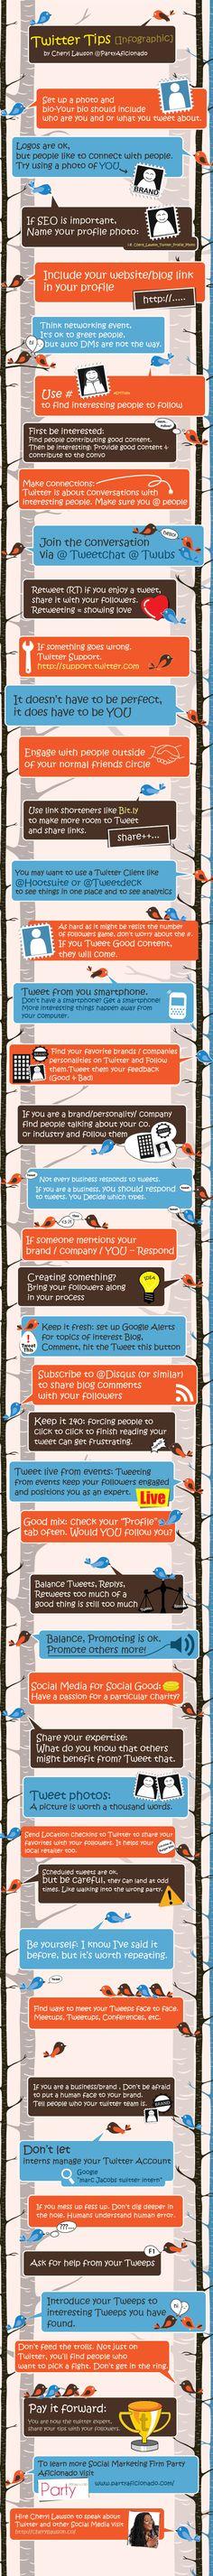 43 consejos para usar Twitter    http://www.trecebits.com/2012/03/15/43-pistas-para-sacarle-partido-a-twitter-infografia/